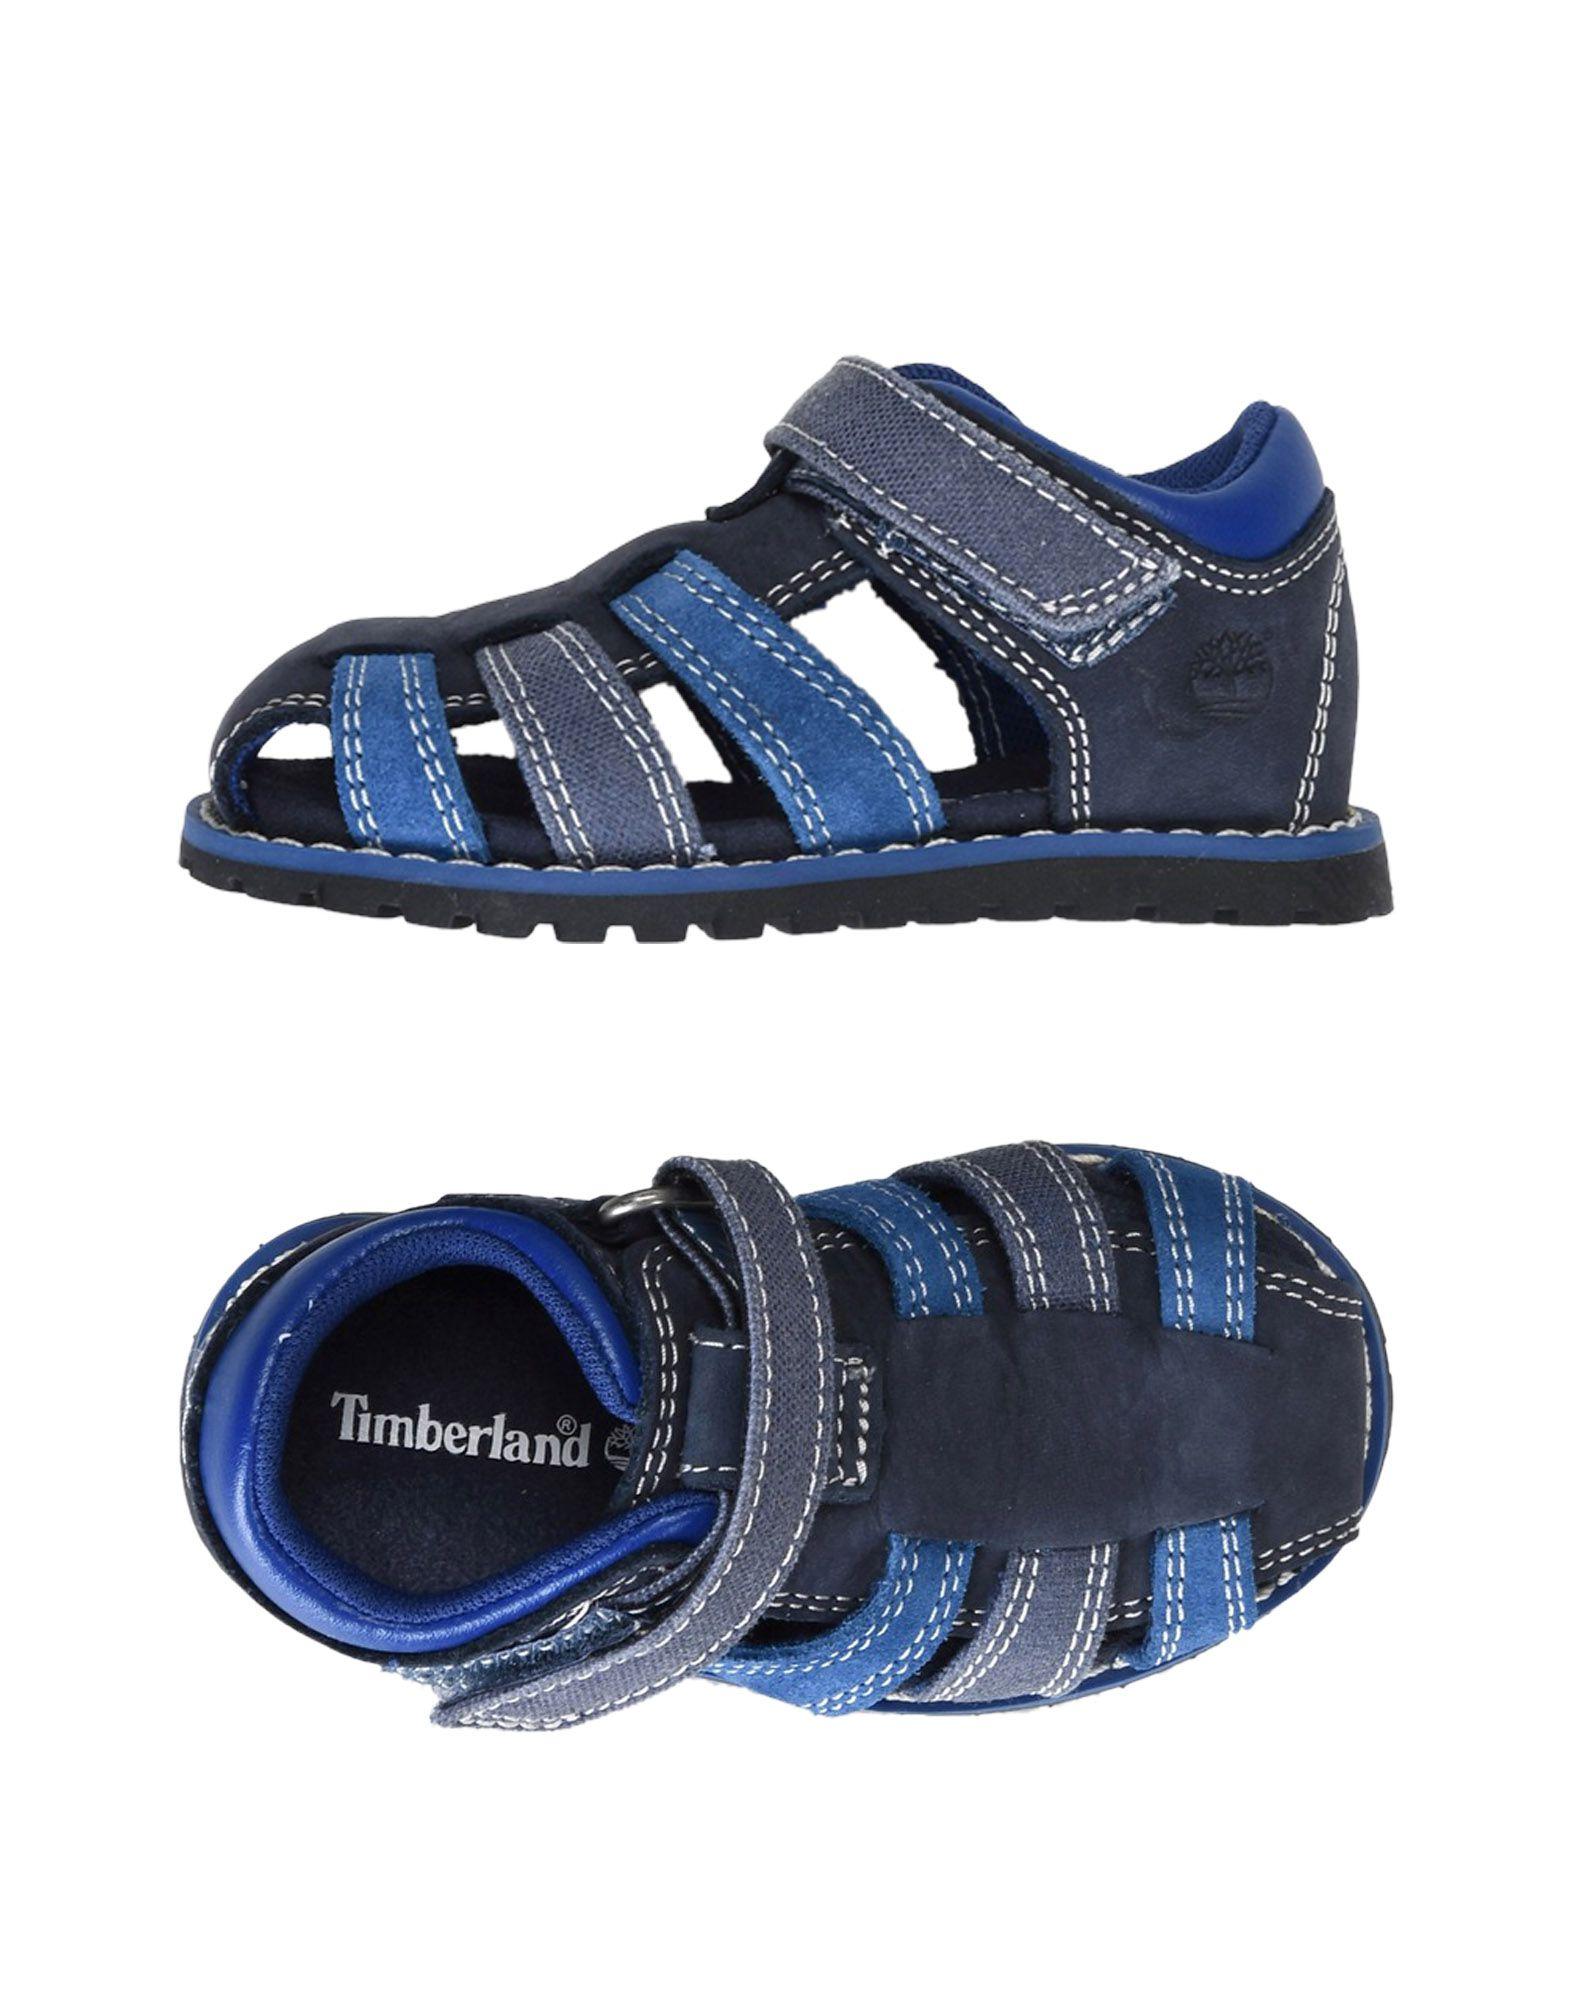 《期間限定セール中》TIMBERLAND ボーイズ 0-24 ヶ月 サンダル ダークブルー 4C 革 / 紡績繊維 POKEY PINE FISHERMAN